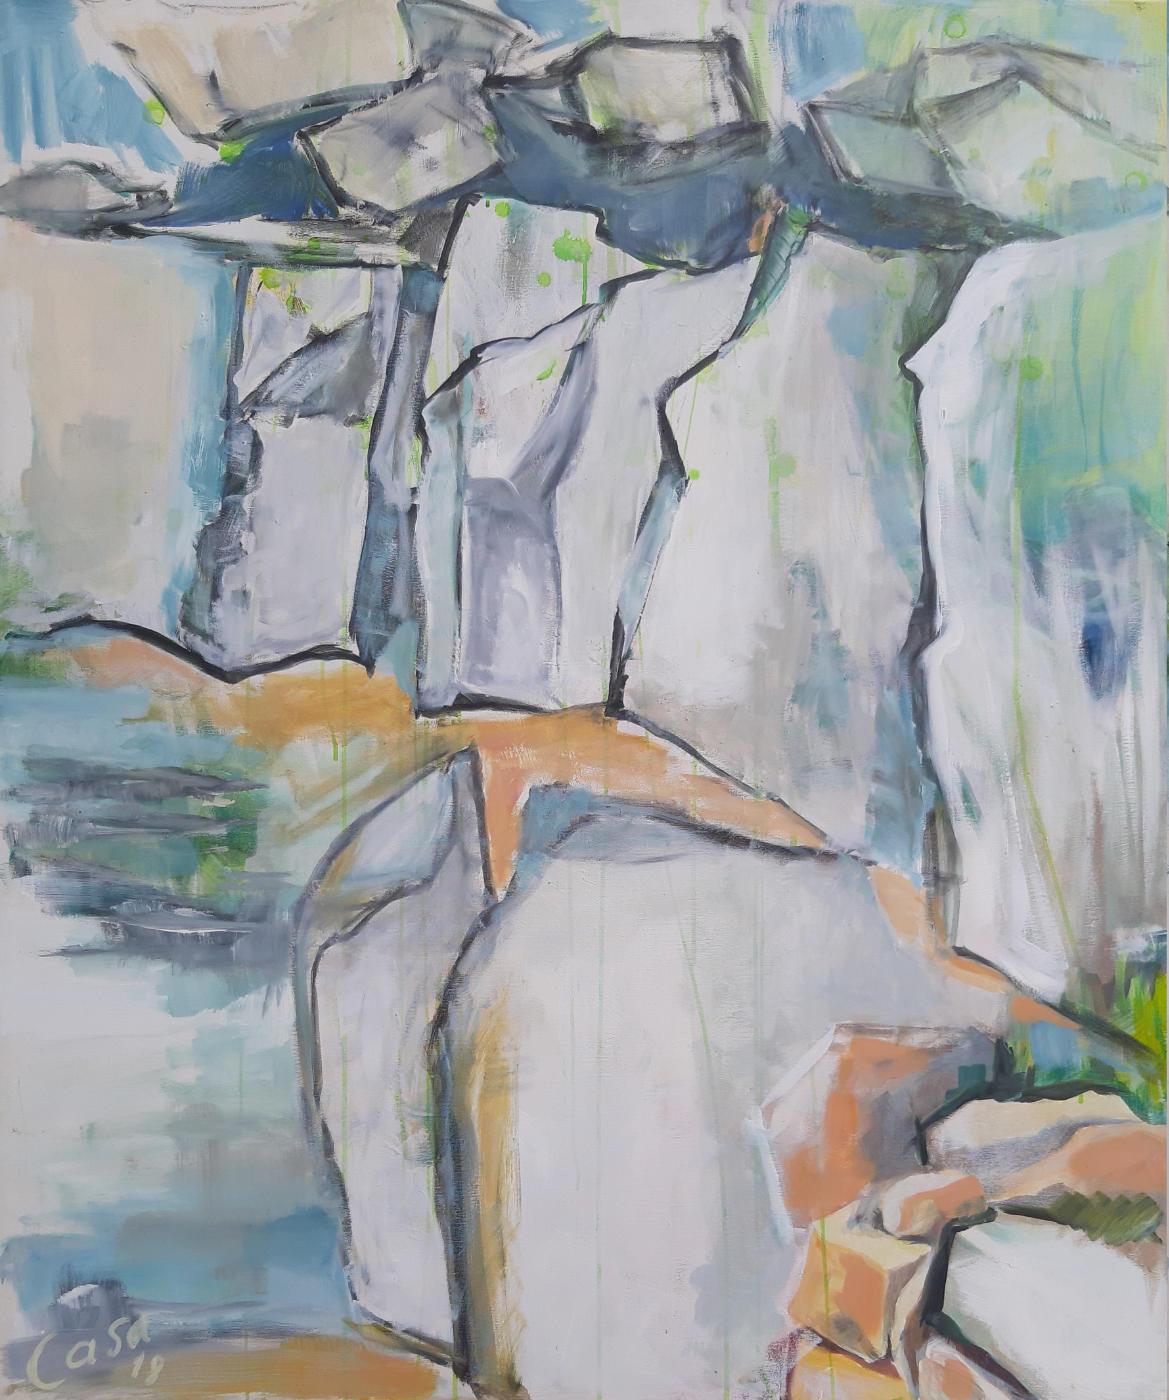 Alb VI - Acryl auf Leinwand, 120 x 100 cm